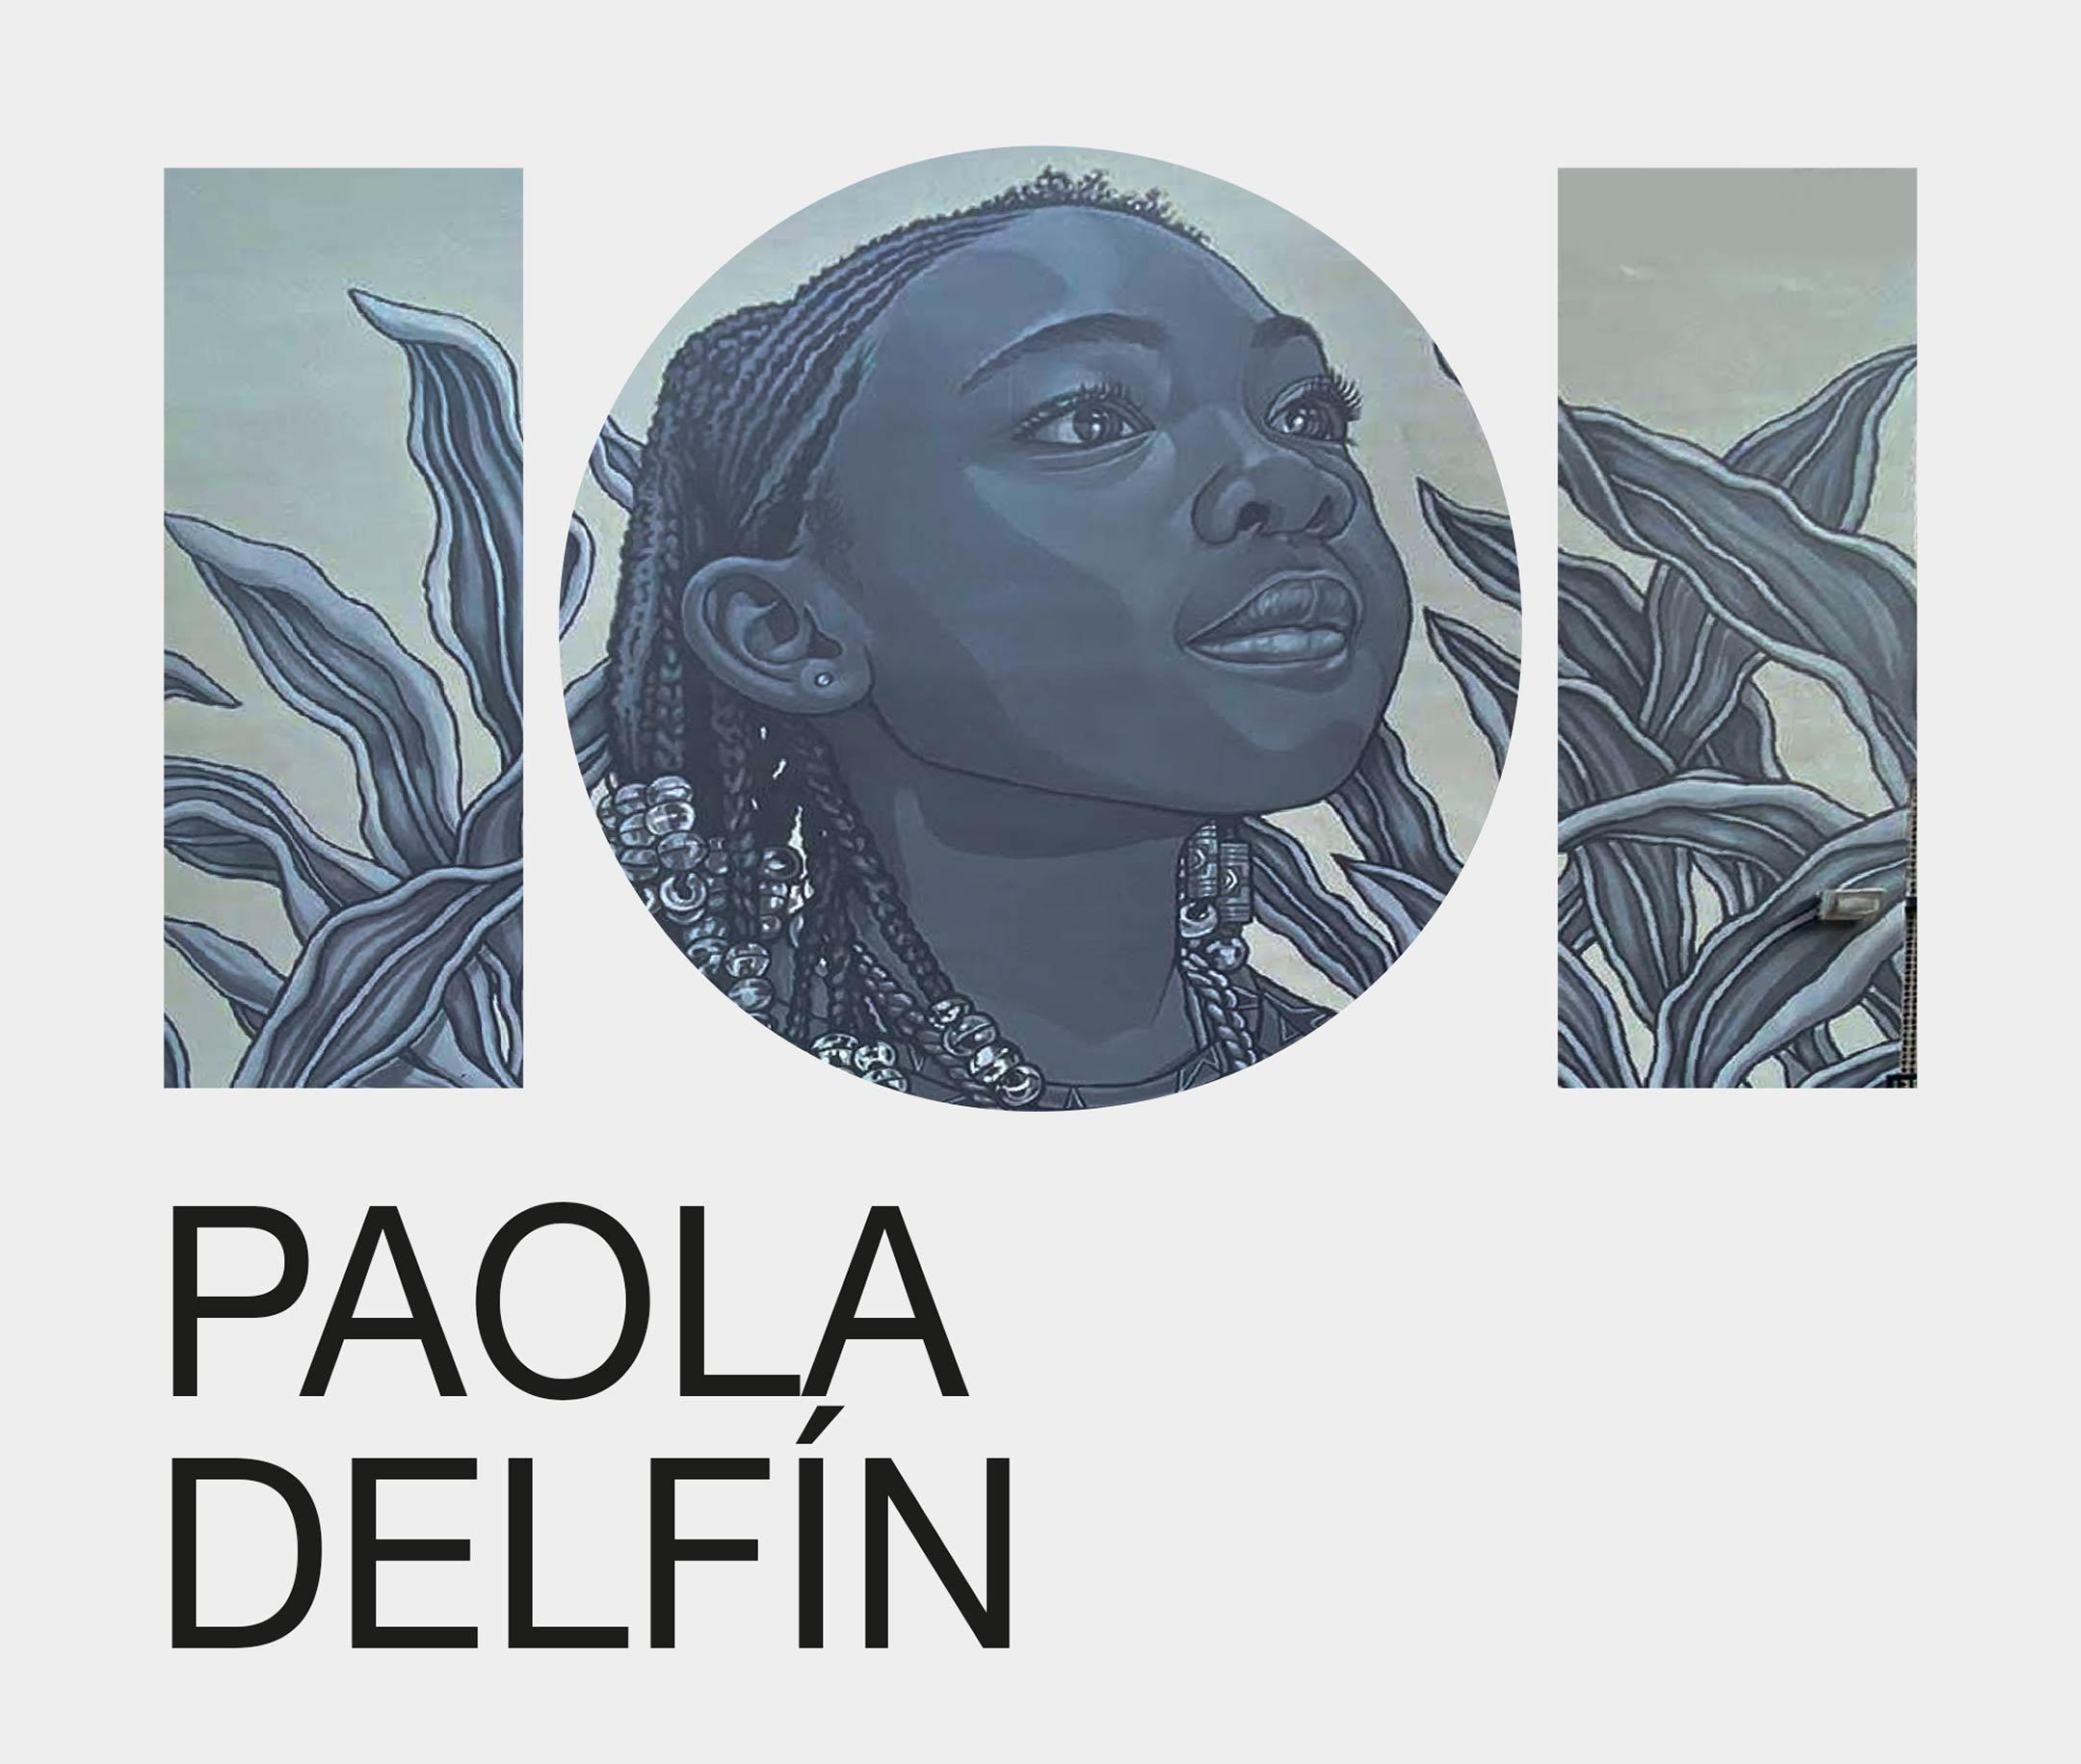 PAOLA-DELFIN_IG